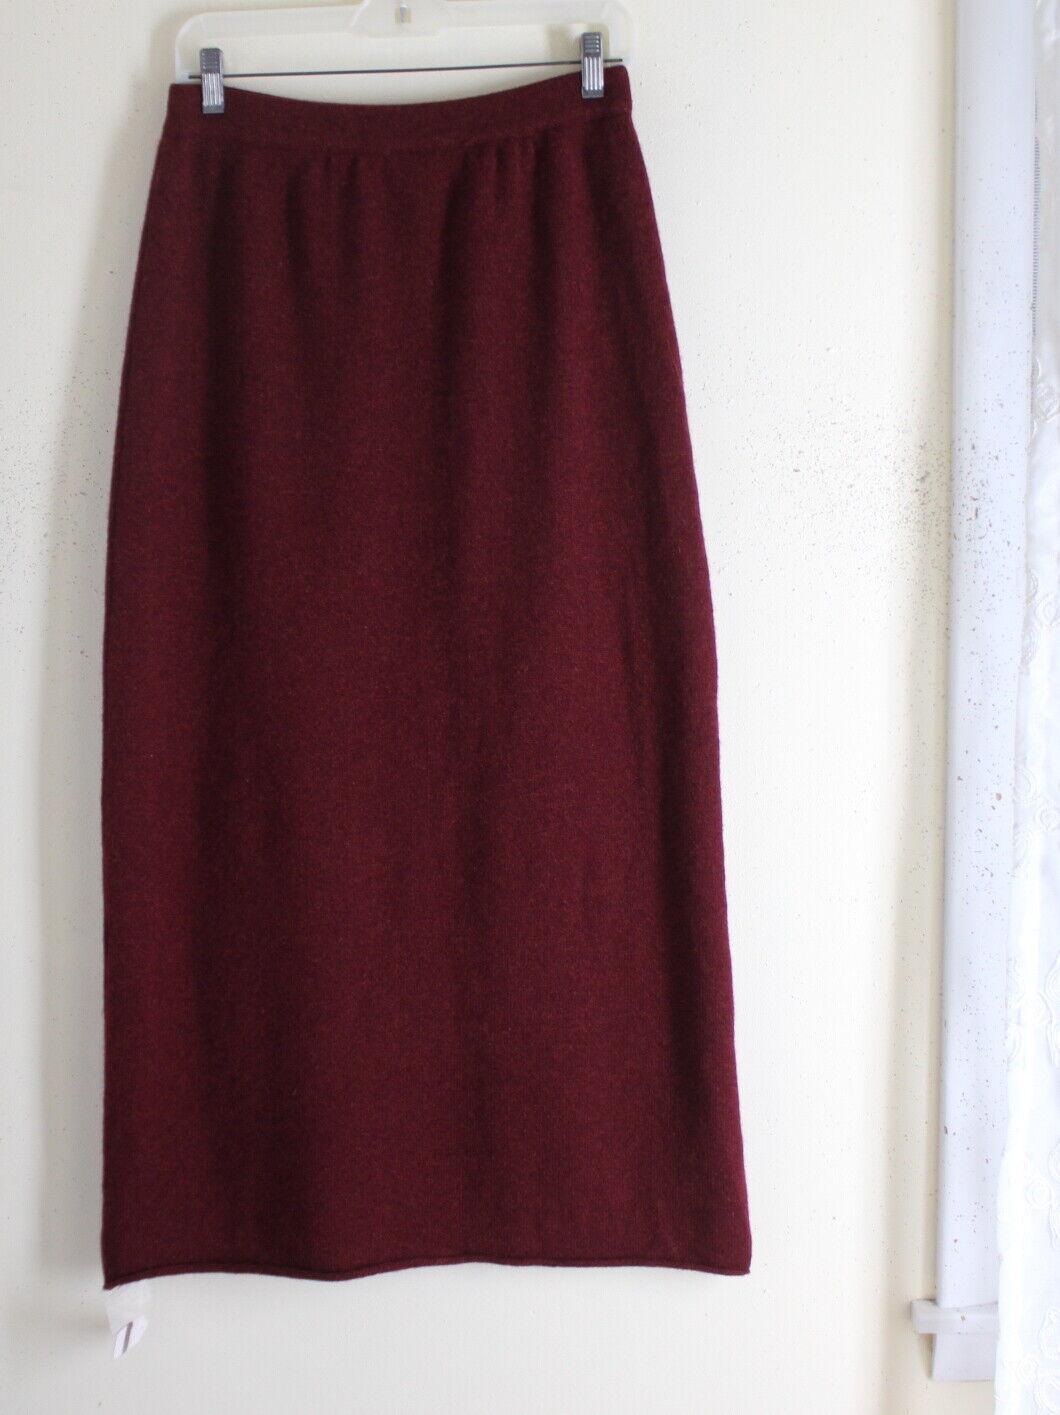 NWT Eskandar 1 Plush rot Multi-Ply 100% Cashmere Sweater Knit Long Full Skirt